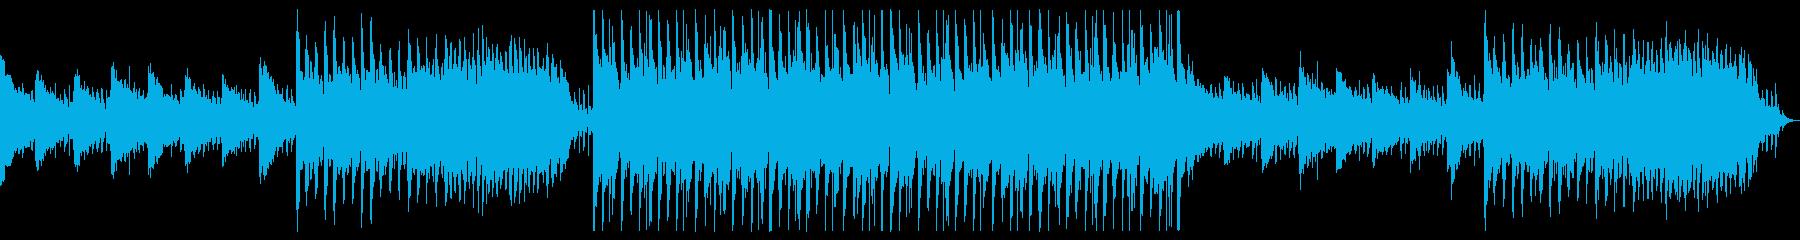 爽快で切ないアコースティックな楽曲です。の再生済みの波形